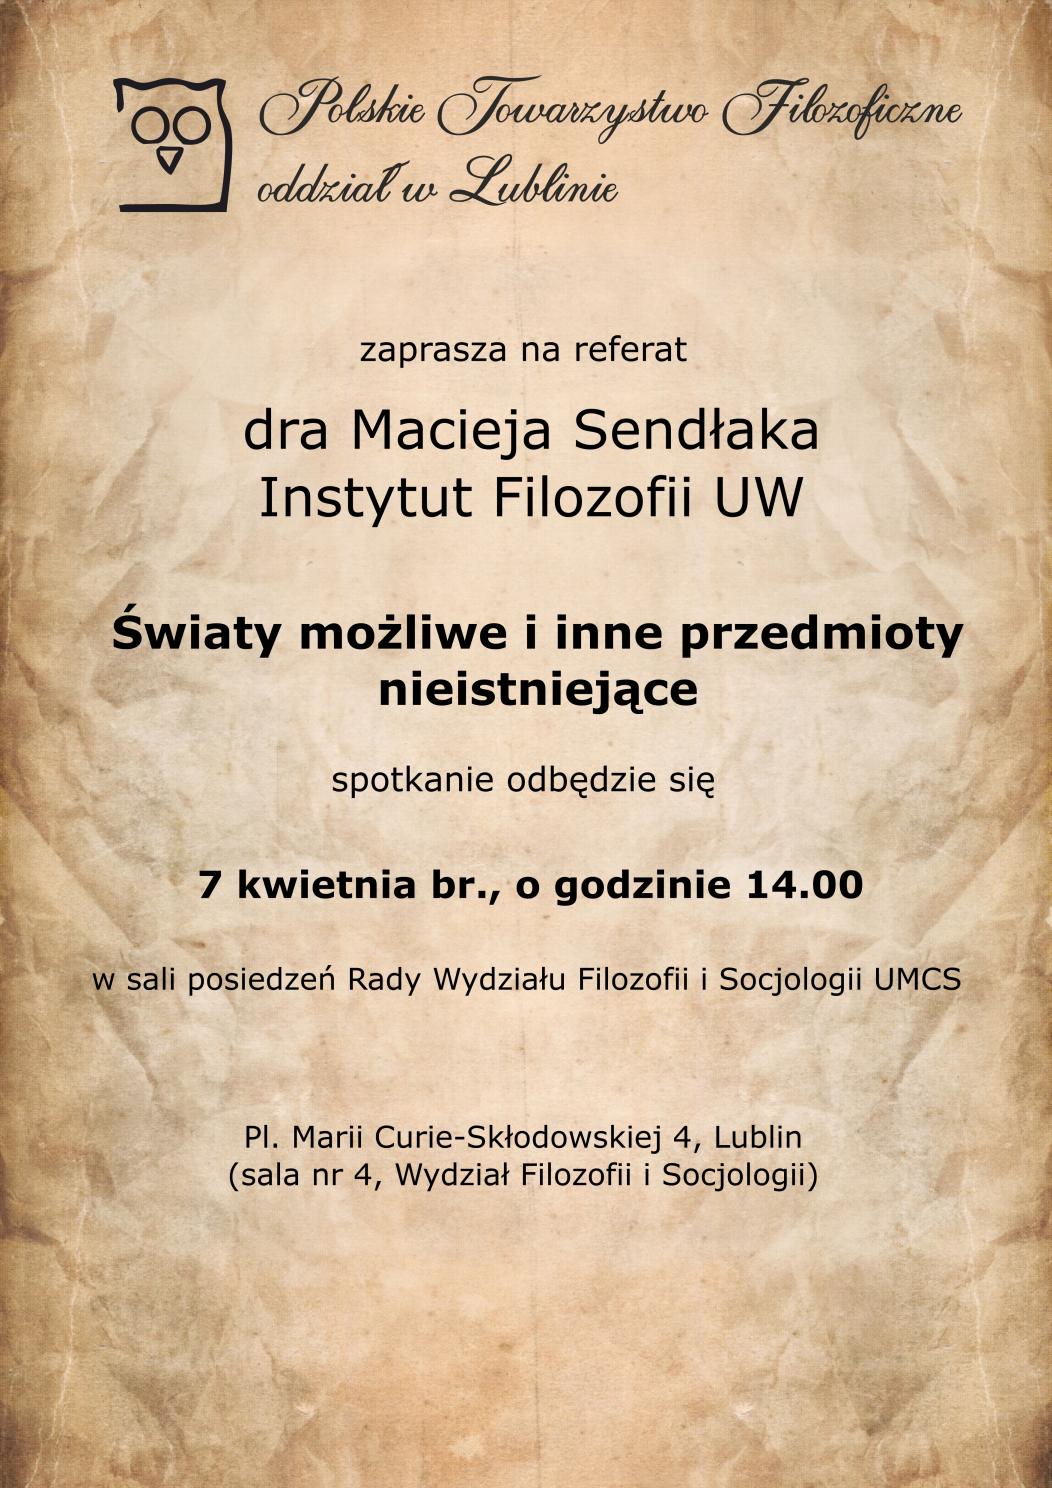 Plakat PTF (07.04.2017).png